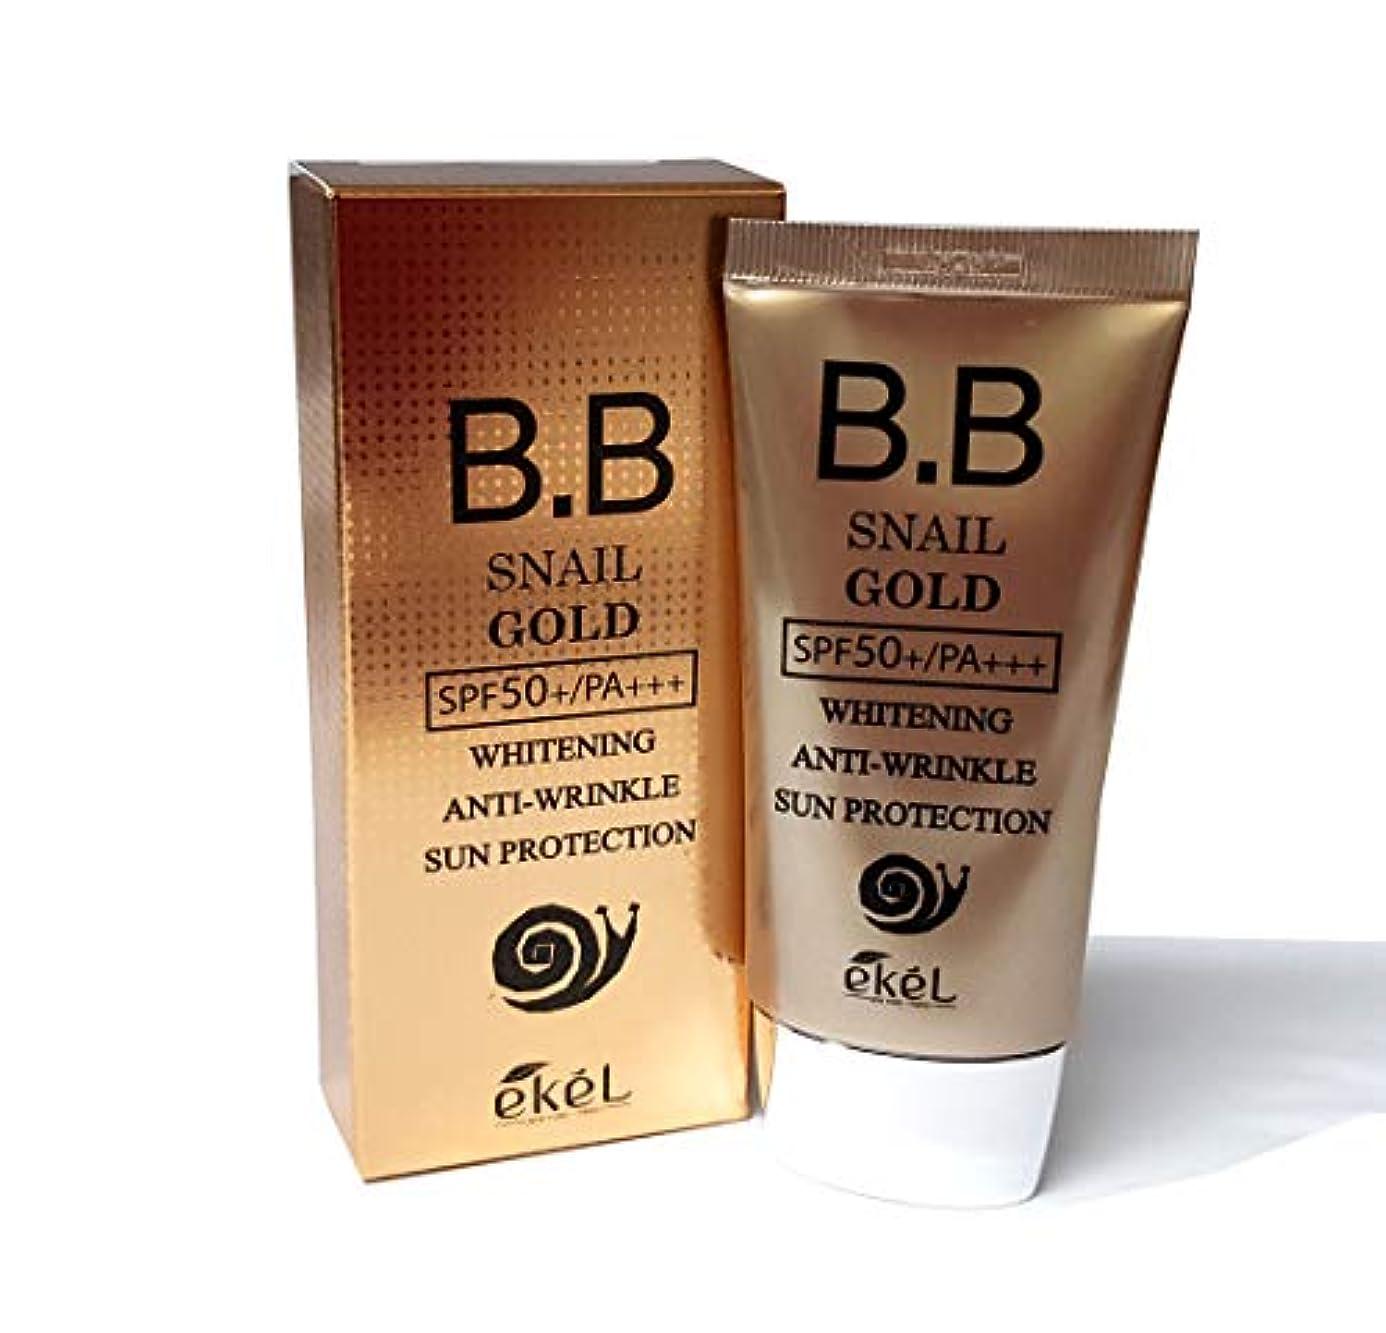 無声で法的逃れる[Ekel] カタツムリゴールドBB 50ml SPF50 + PA +++ / Snail Gold BB 50ml SPF50+PA+++ /ホワイトニング、UVカット/Whitening,UV protection...